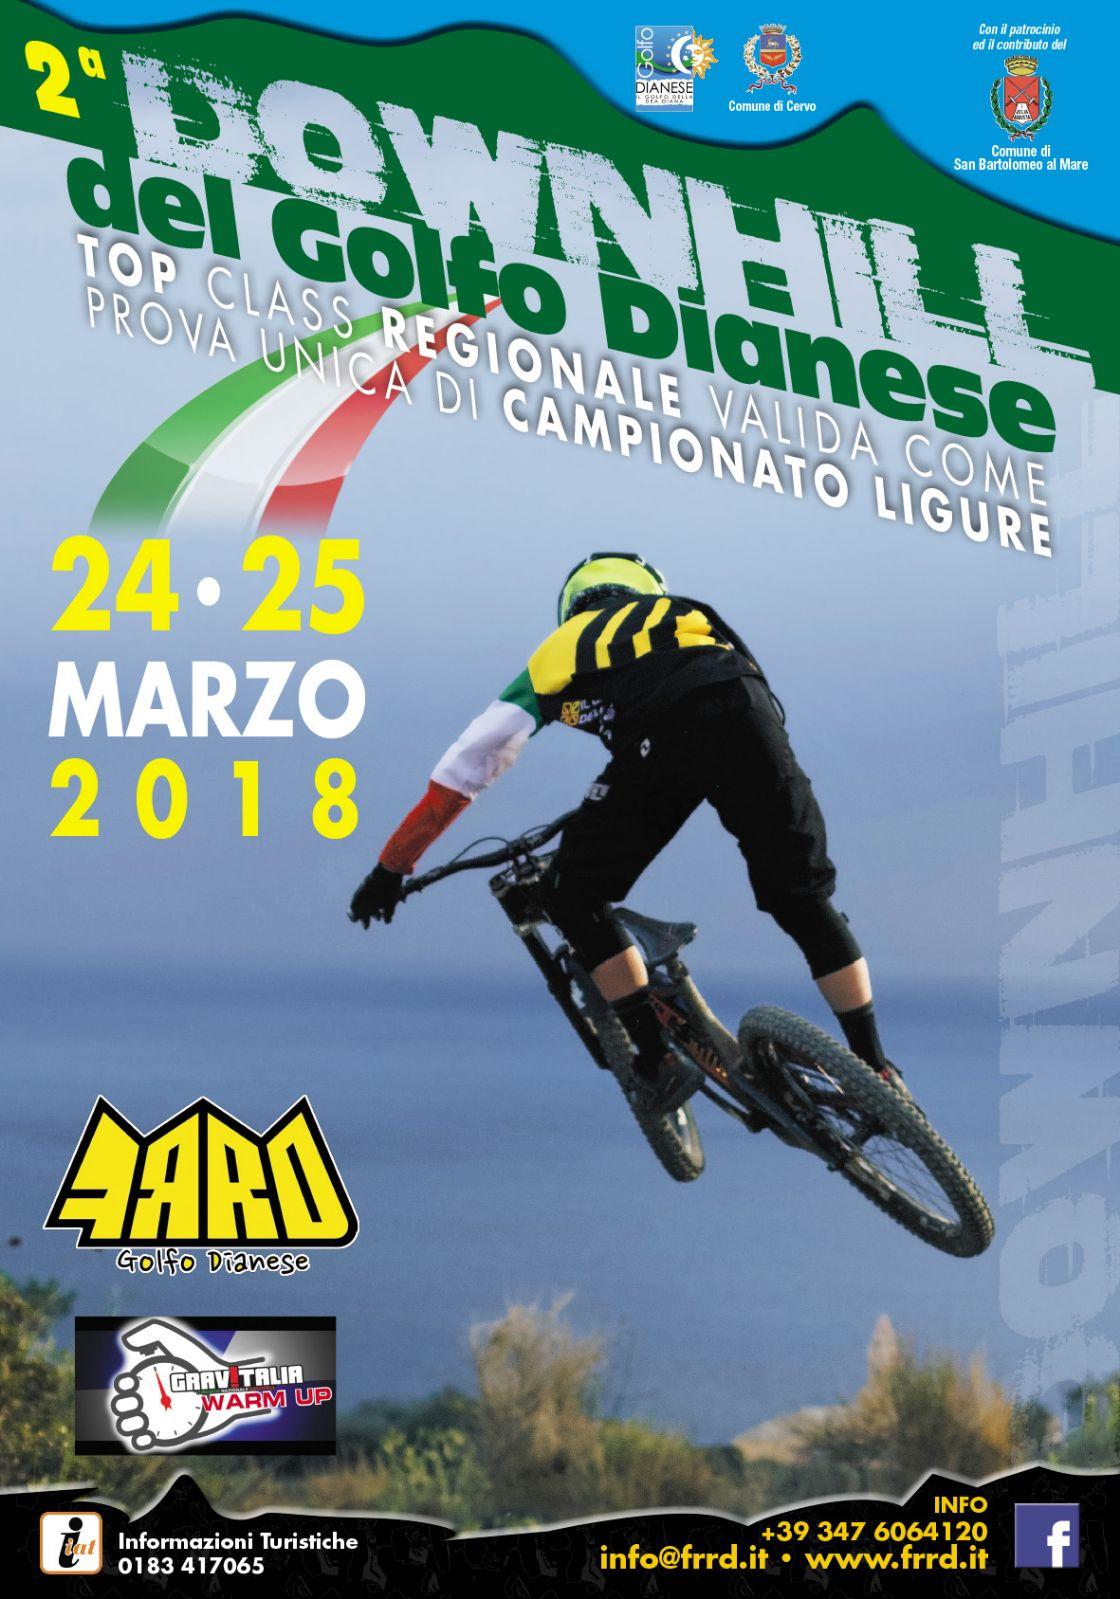 Seconda edizione sabato 24 e domenica 25 marzo per la Downhill del Goldo Dianese